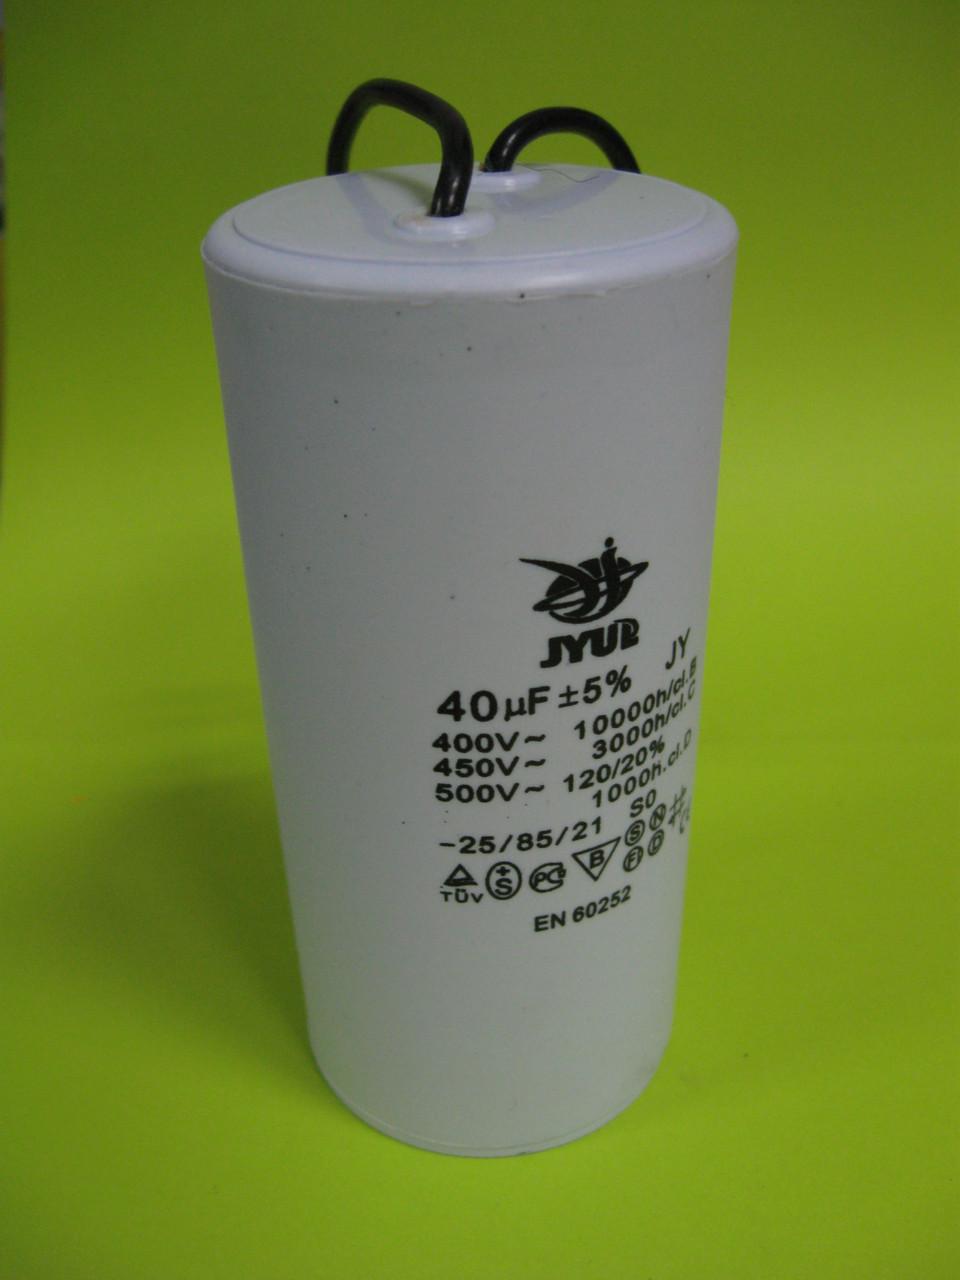 Конденсатор пусковой CBB-60 40uF 450VAC 45*93 Гибкие выводы JYUL